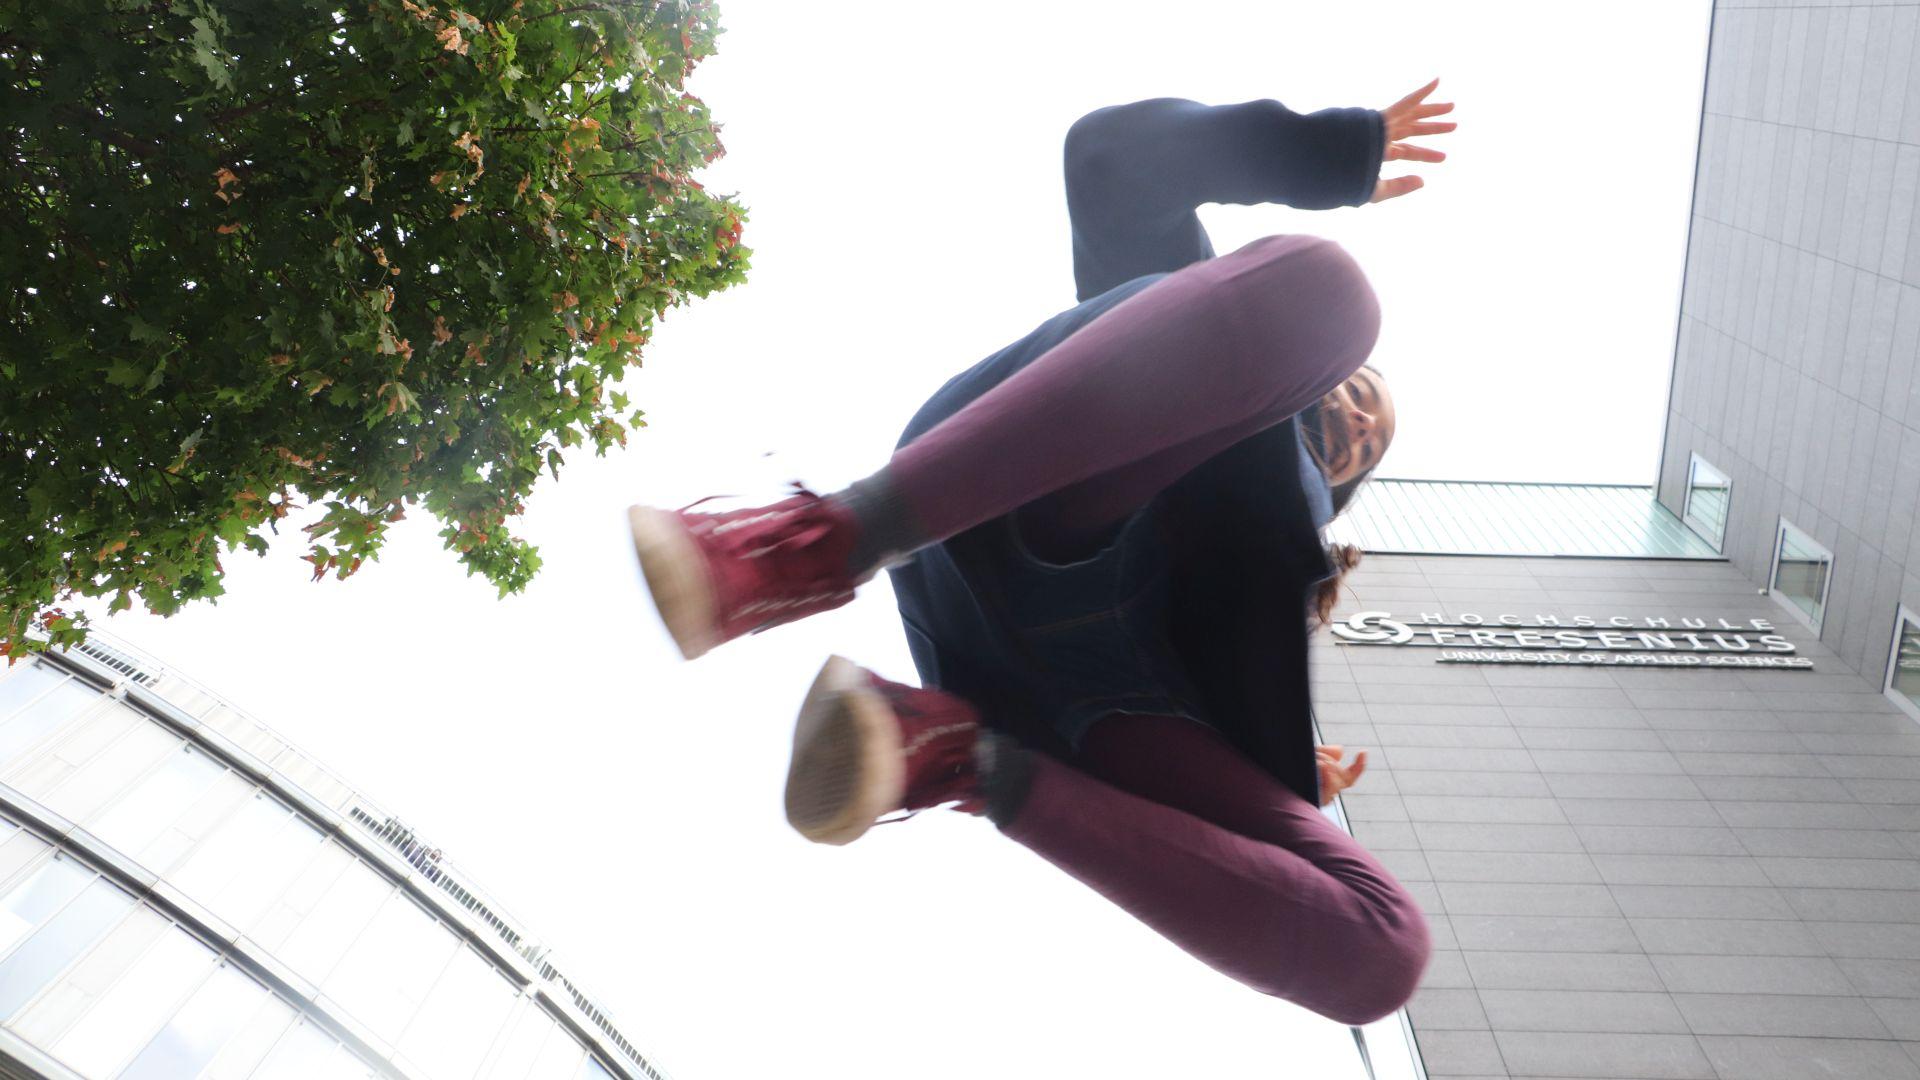 Mädchen springt und wird von unten Fotografiert